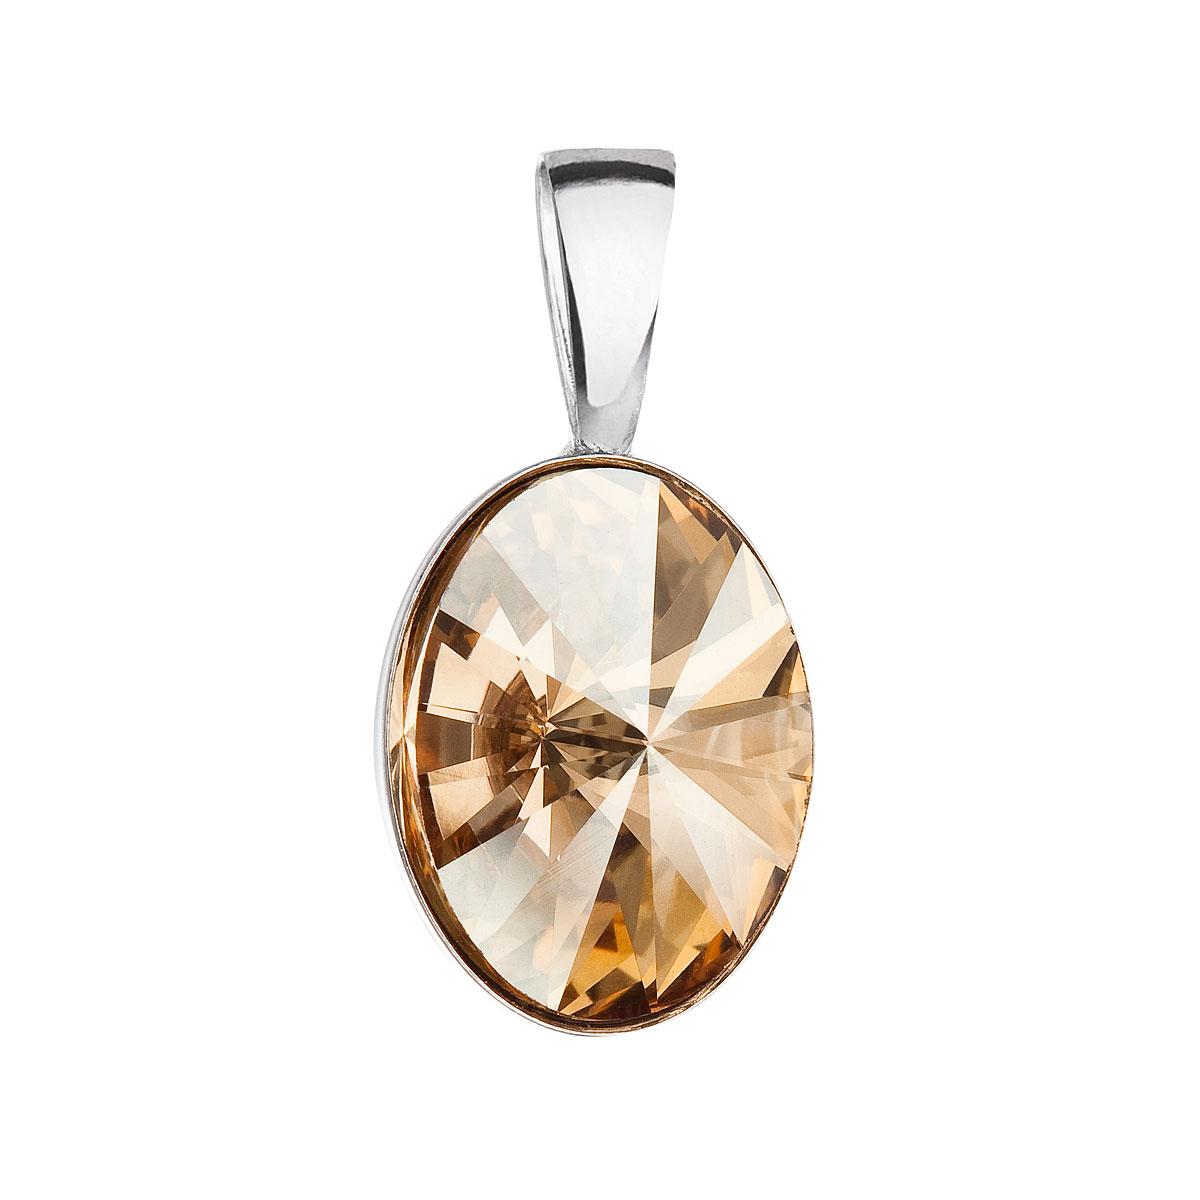 Stříbrný přívěsek s krystalem Swarovski zlatý ovál 34245.5